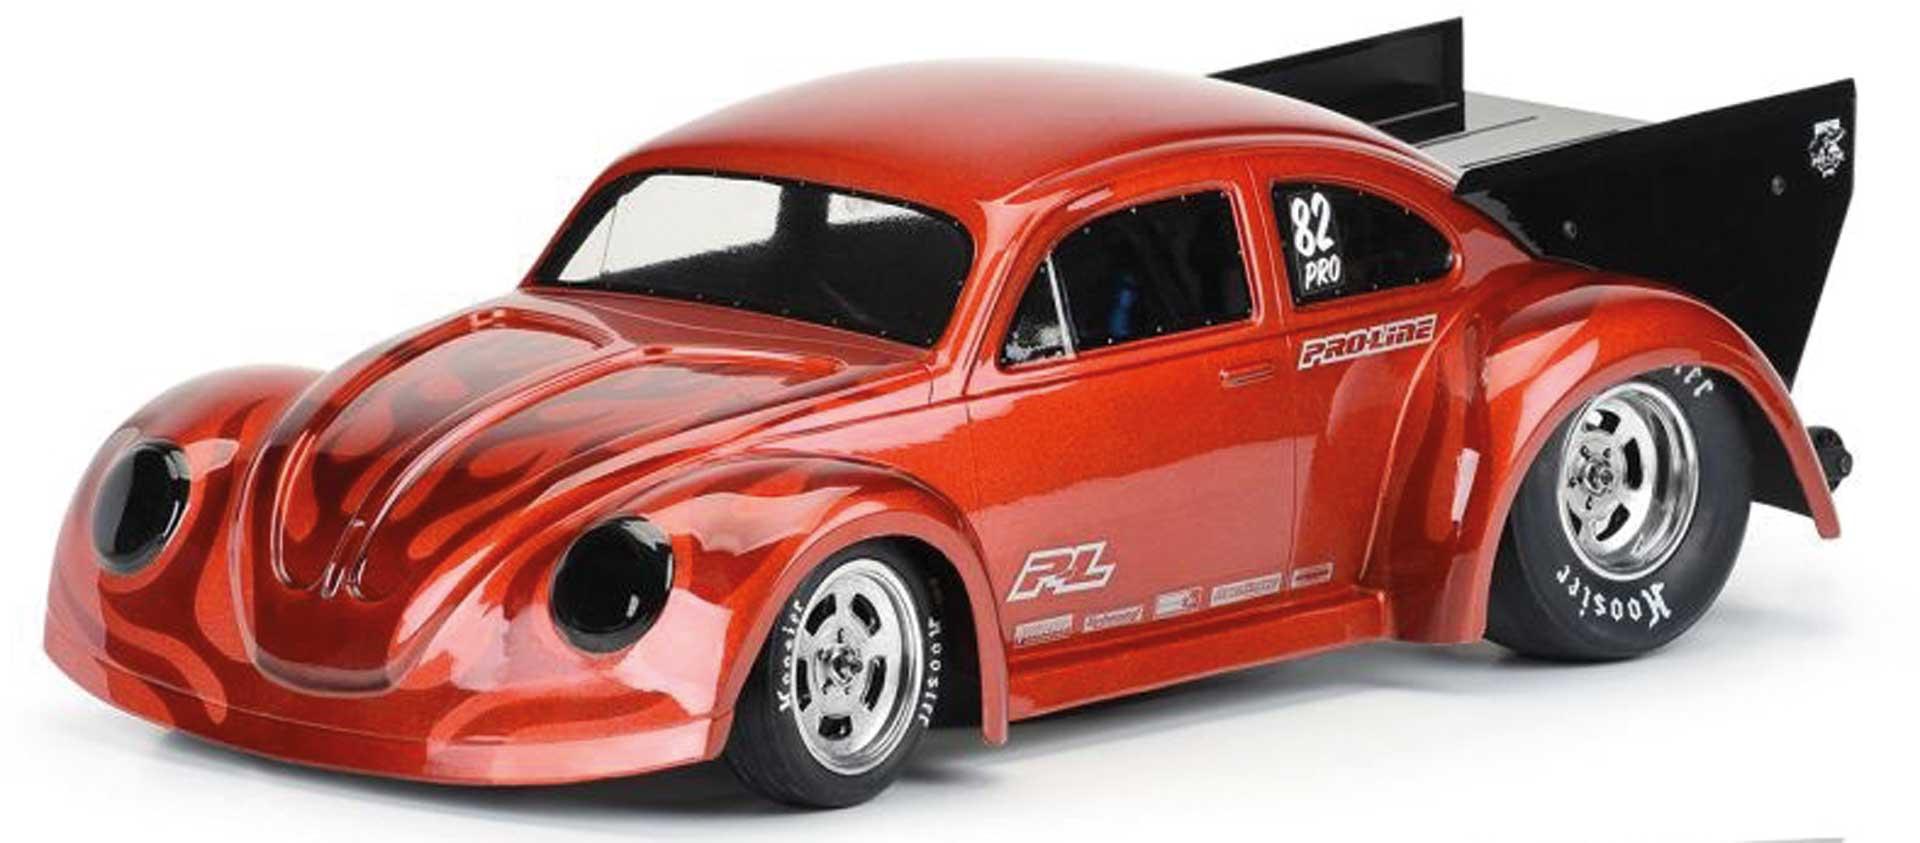 PROLINE Volkswagen Drag Karosserie klar 1/10 für Slash 2WD Drag Car / Losi 22S Drag / AE DR10